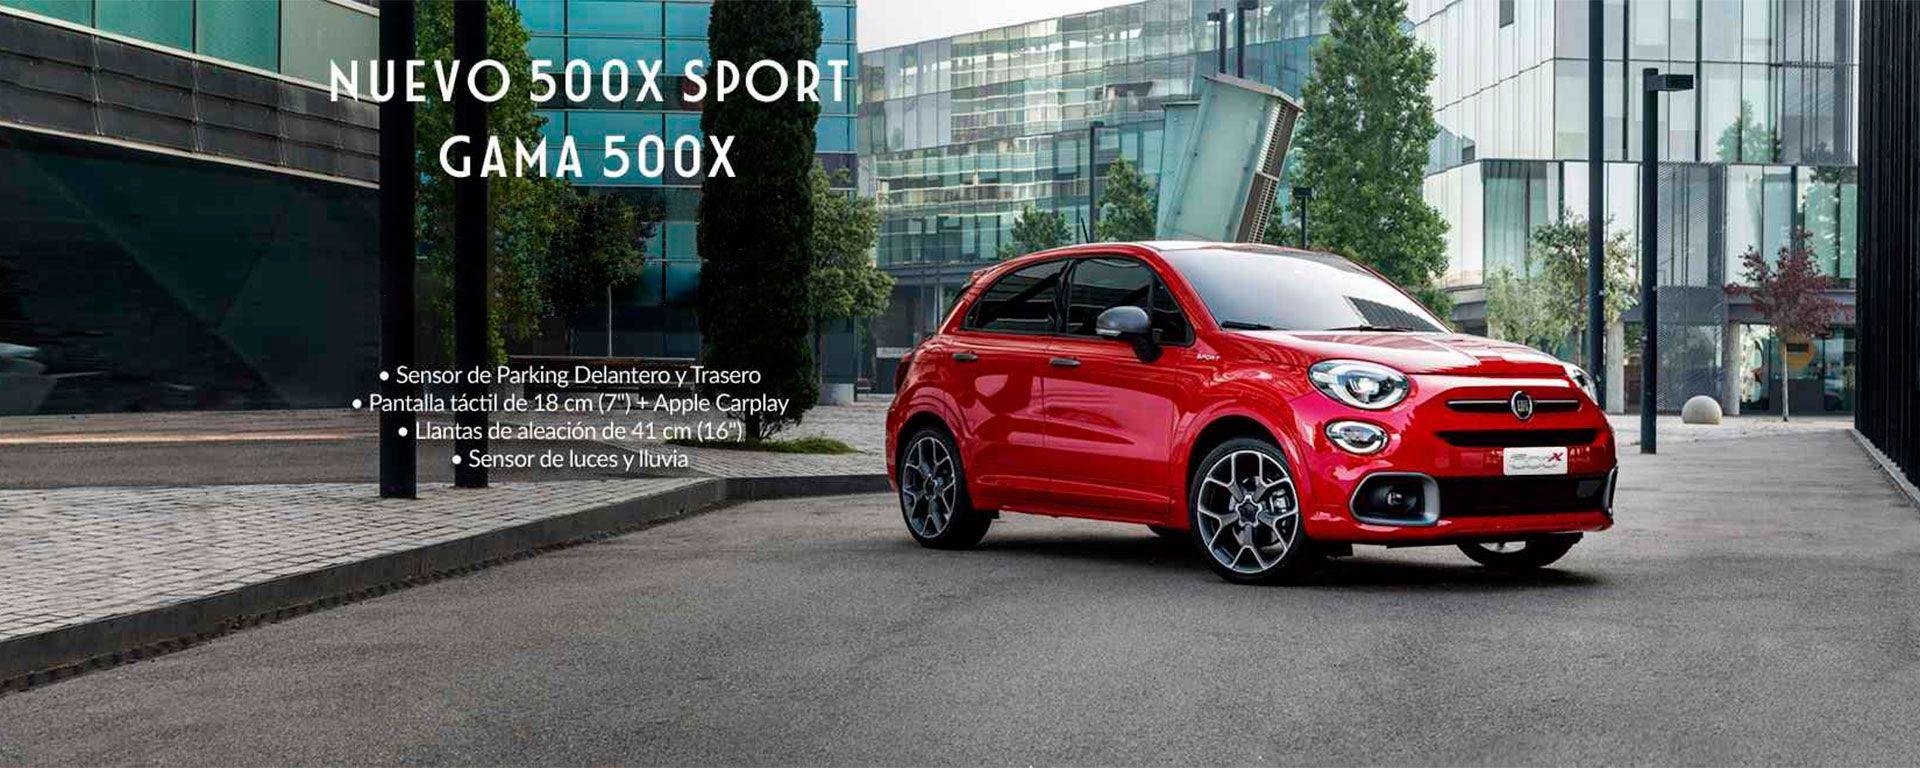 500X SPORT